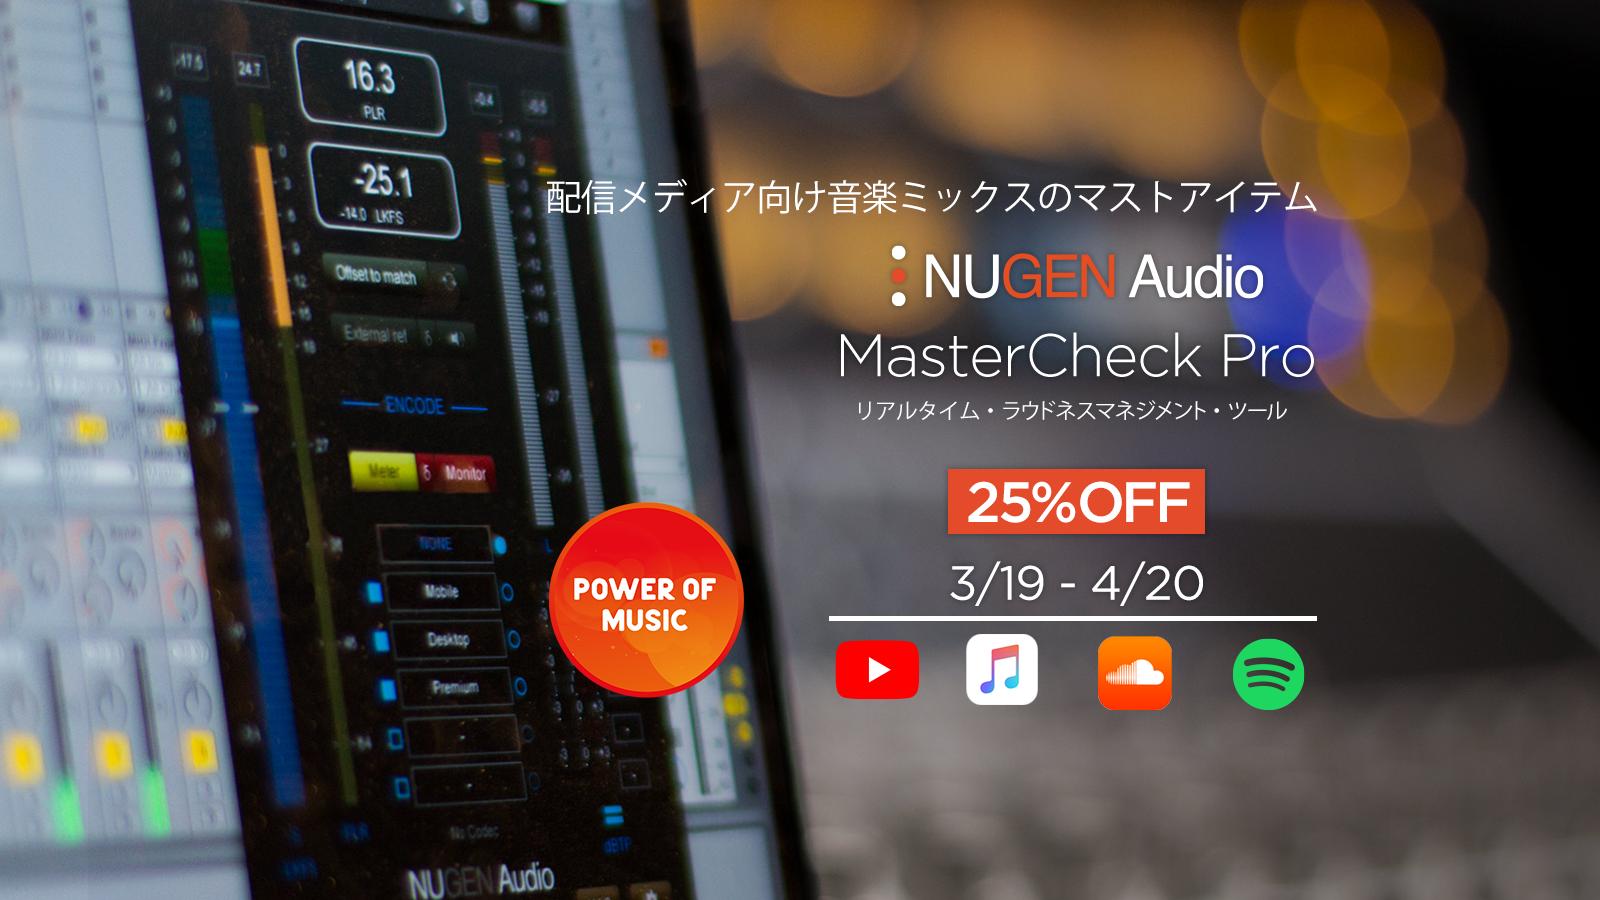 配信メディア向け音楽ミックスのマストアイテム、MasterCheckが日本限定で25%OFF!